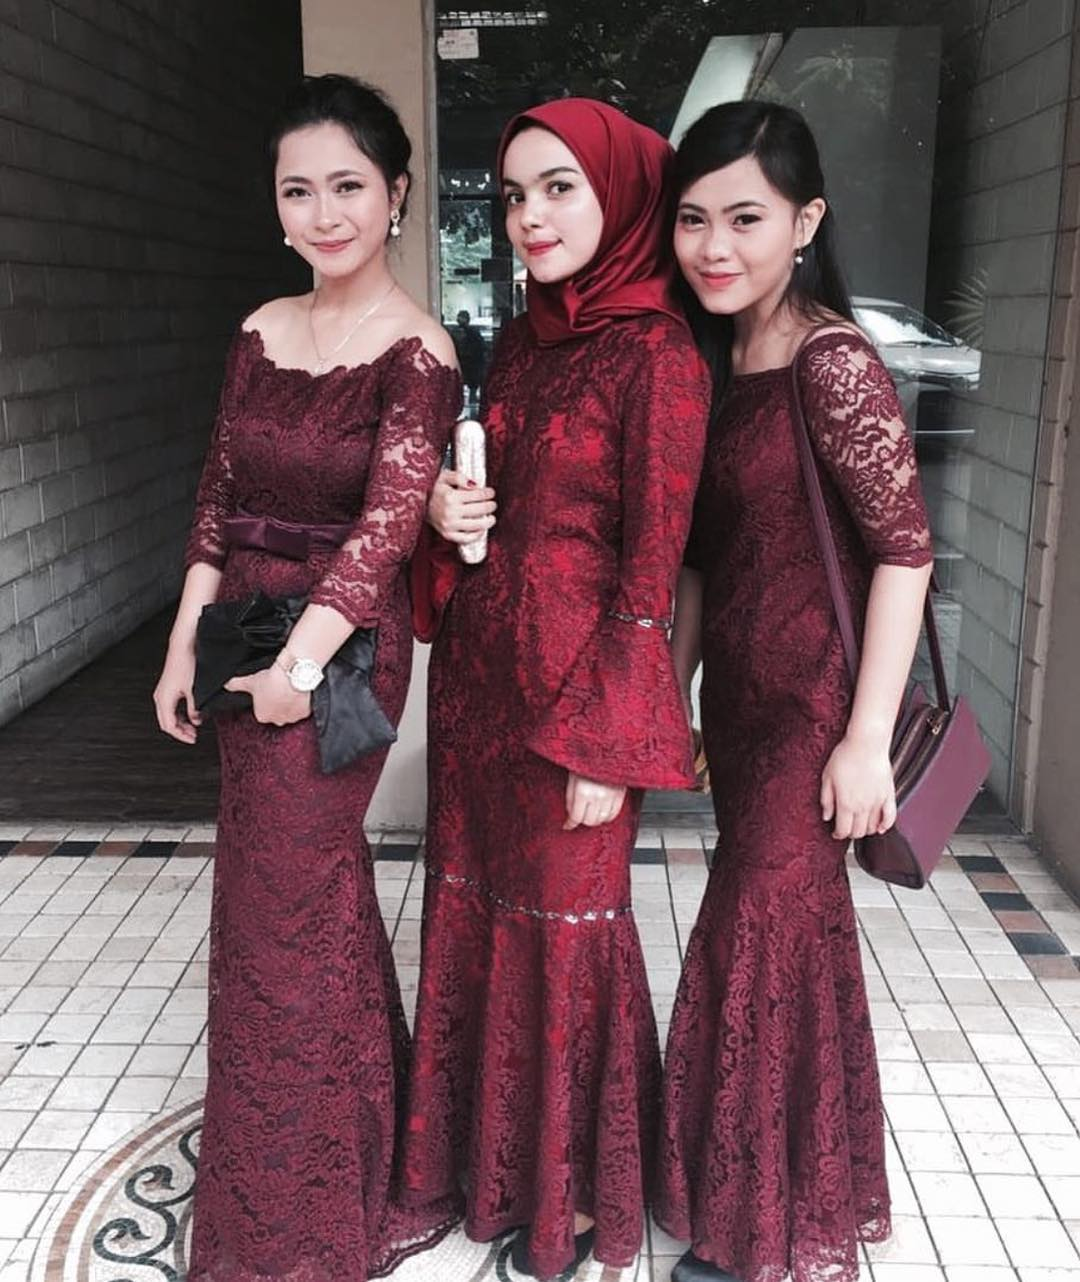 contoh model inspirasi baju kebaya brokat maroon. Inspirasi Kebaya Brokat  Muslim Modern 2017 2720a0d3ce